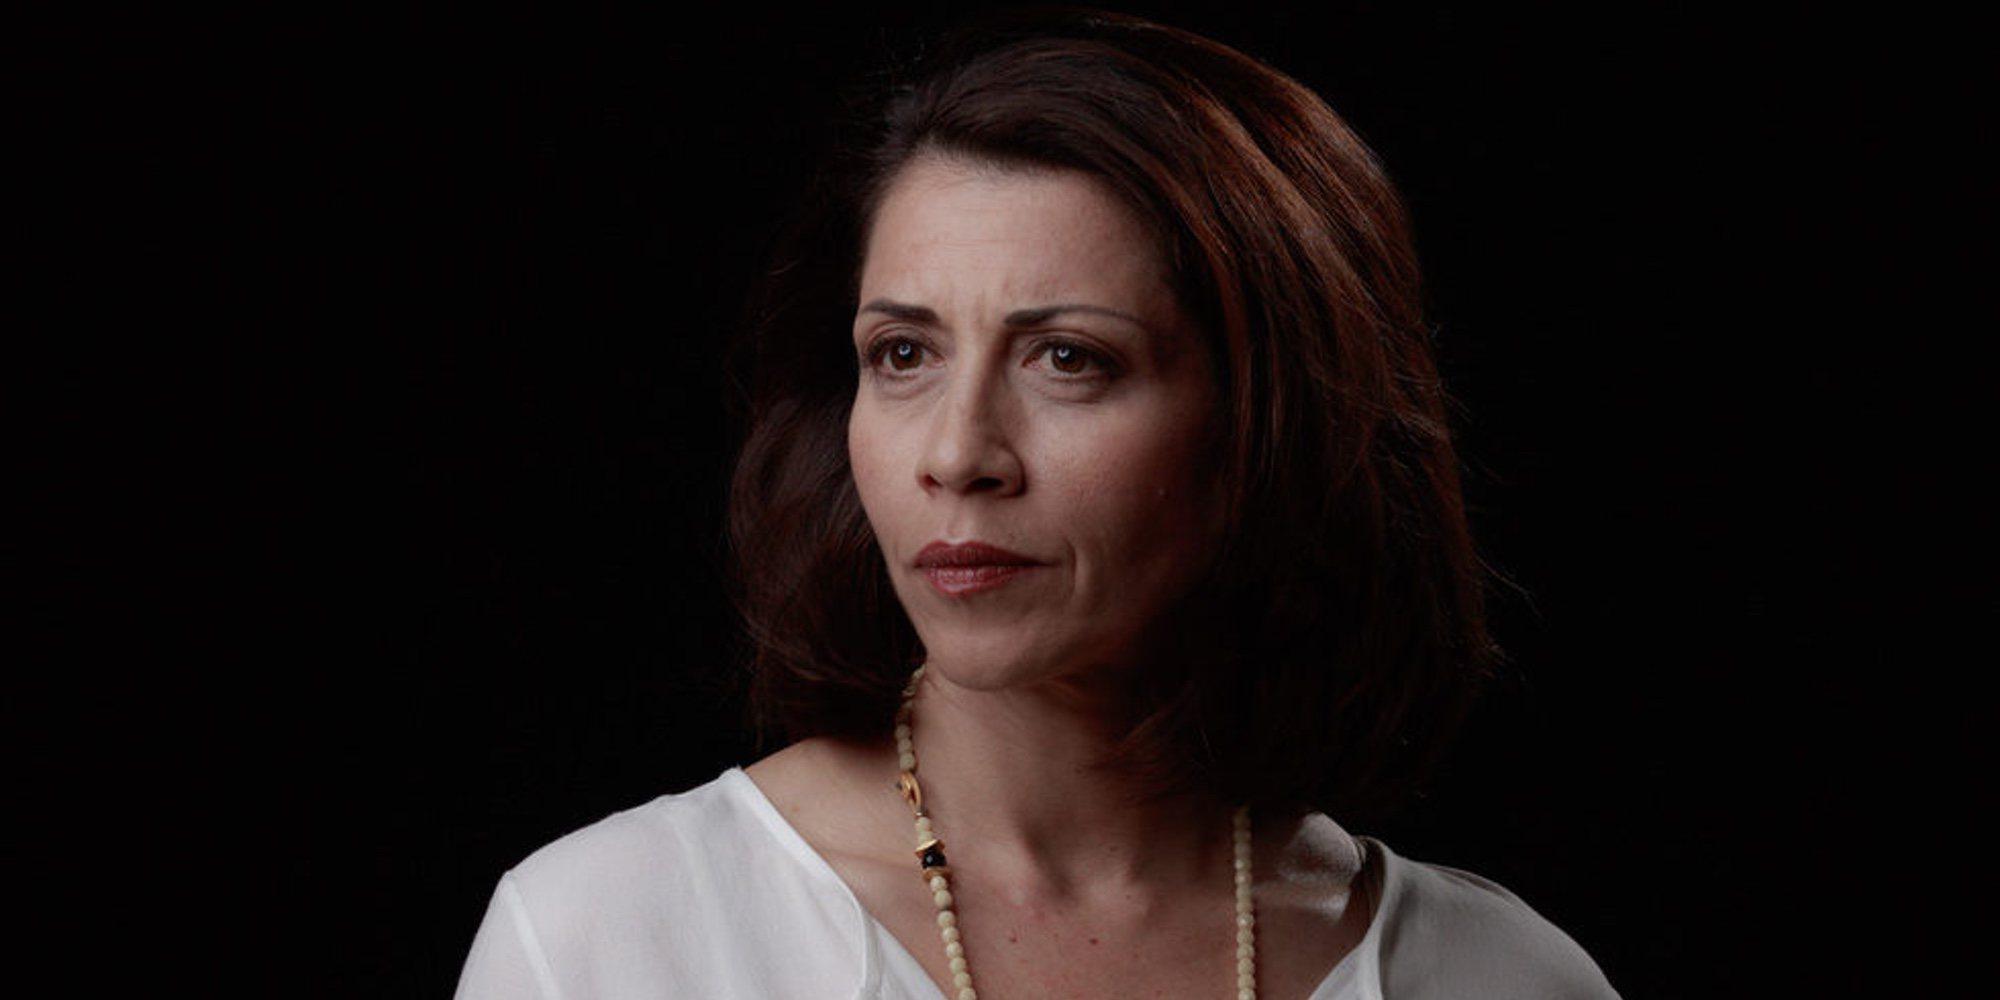 De 'Periodistas' a 'Bajo sospecha': 5 escenas en las que Alicia Borrachero demostró que es una estrella